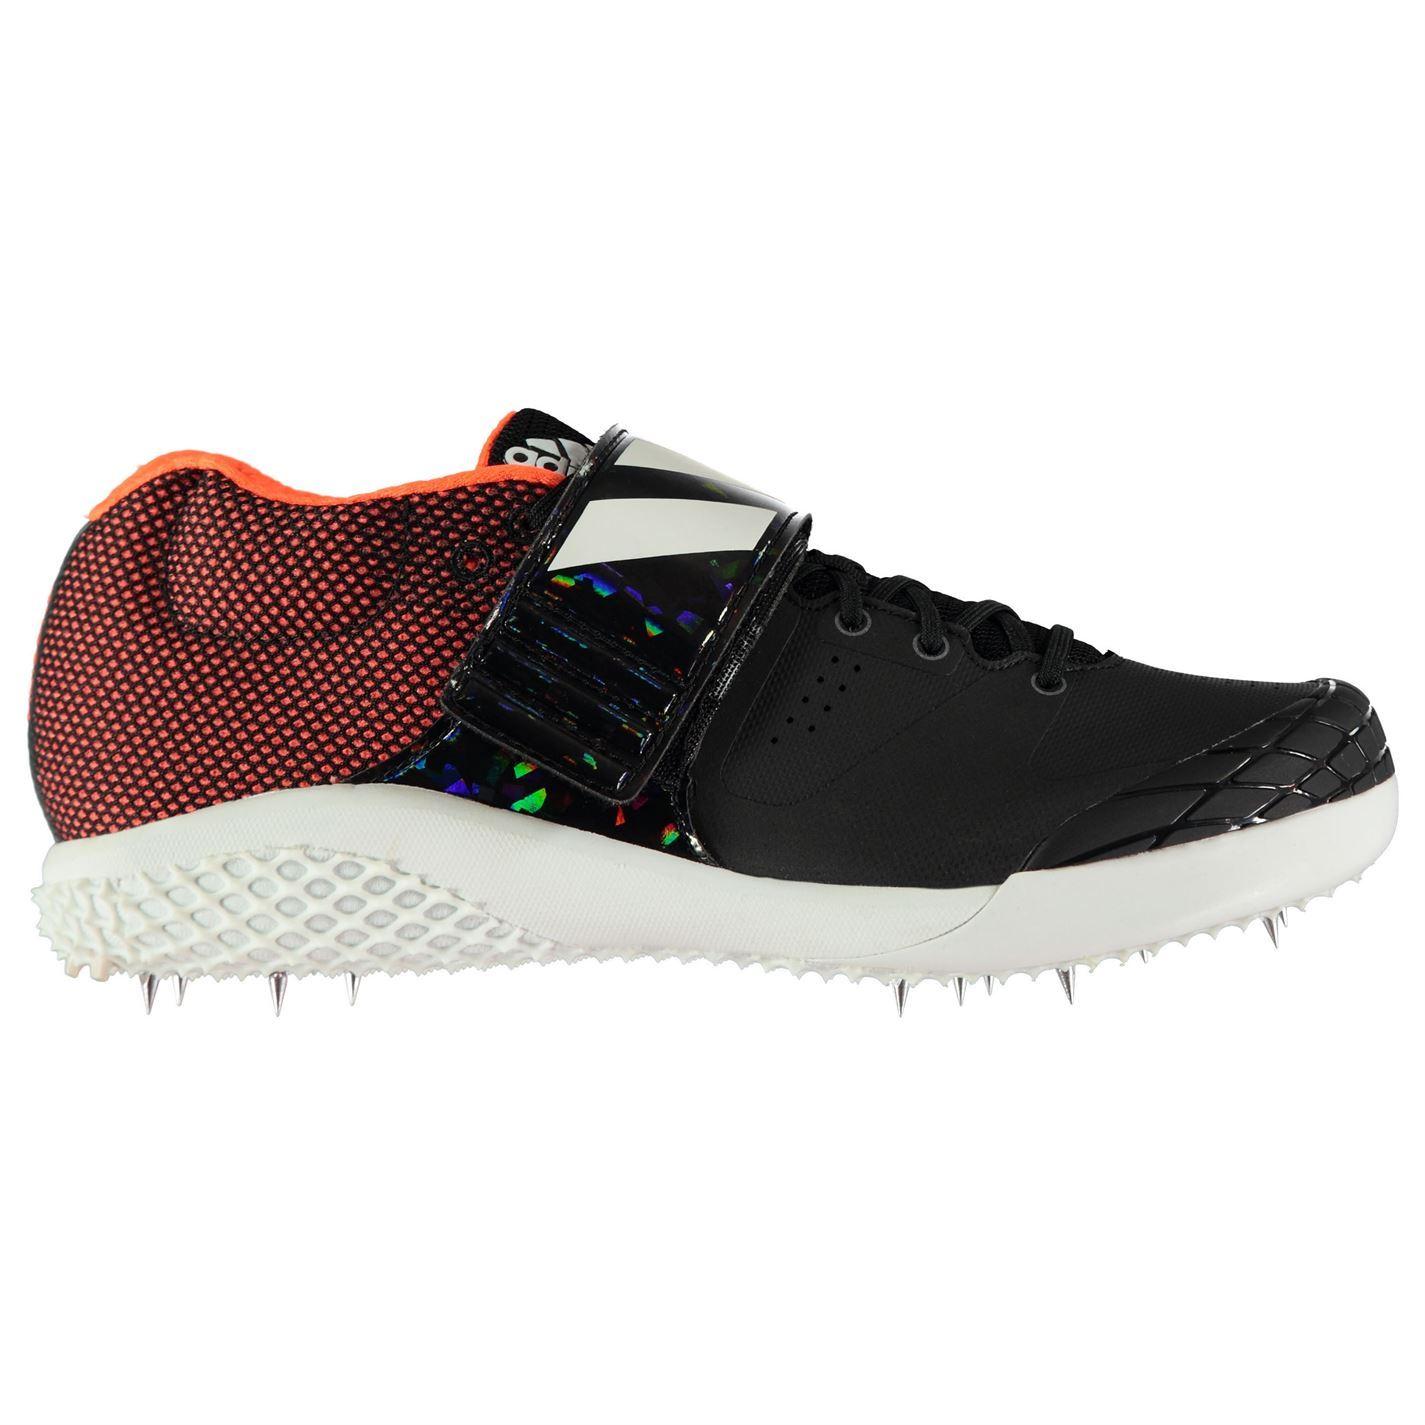 les chaussures fa9 en daim formateurs de baskets saucony fa9 chaussures verte 0d868a